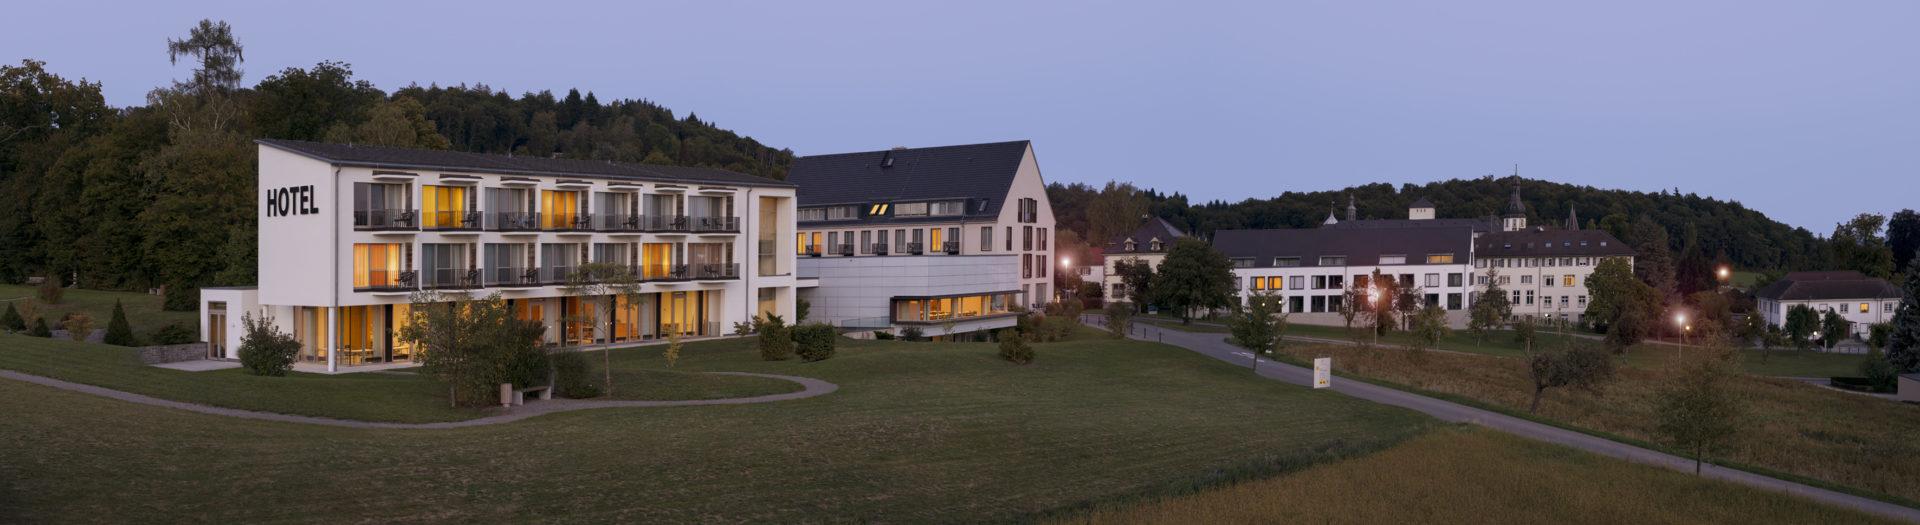 78476 Kloster Hegne